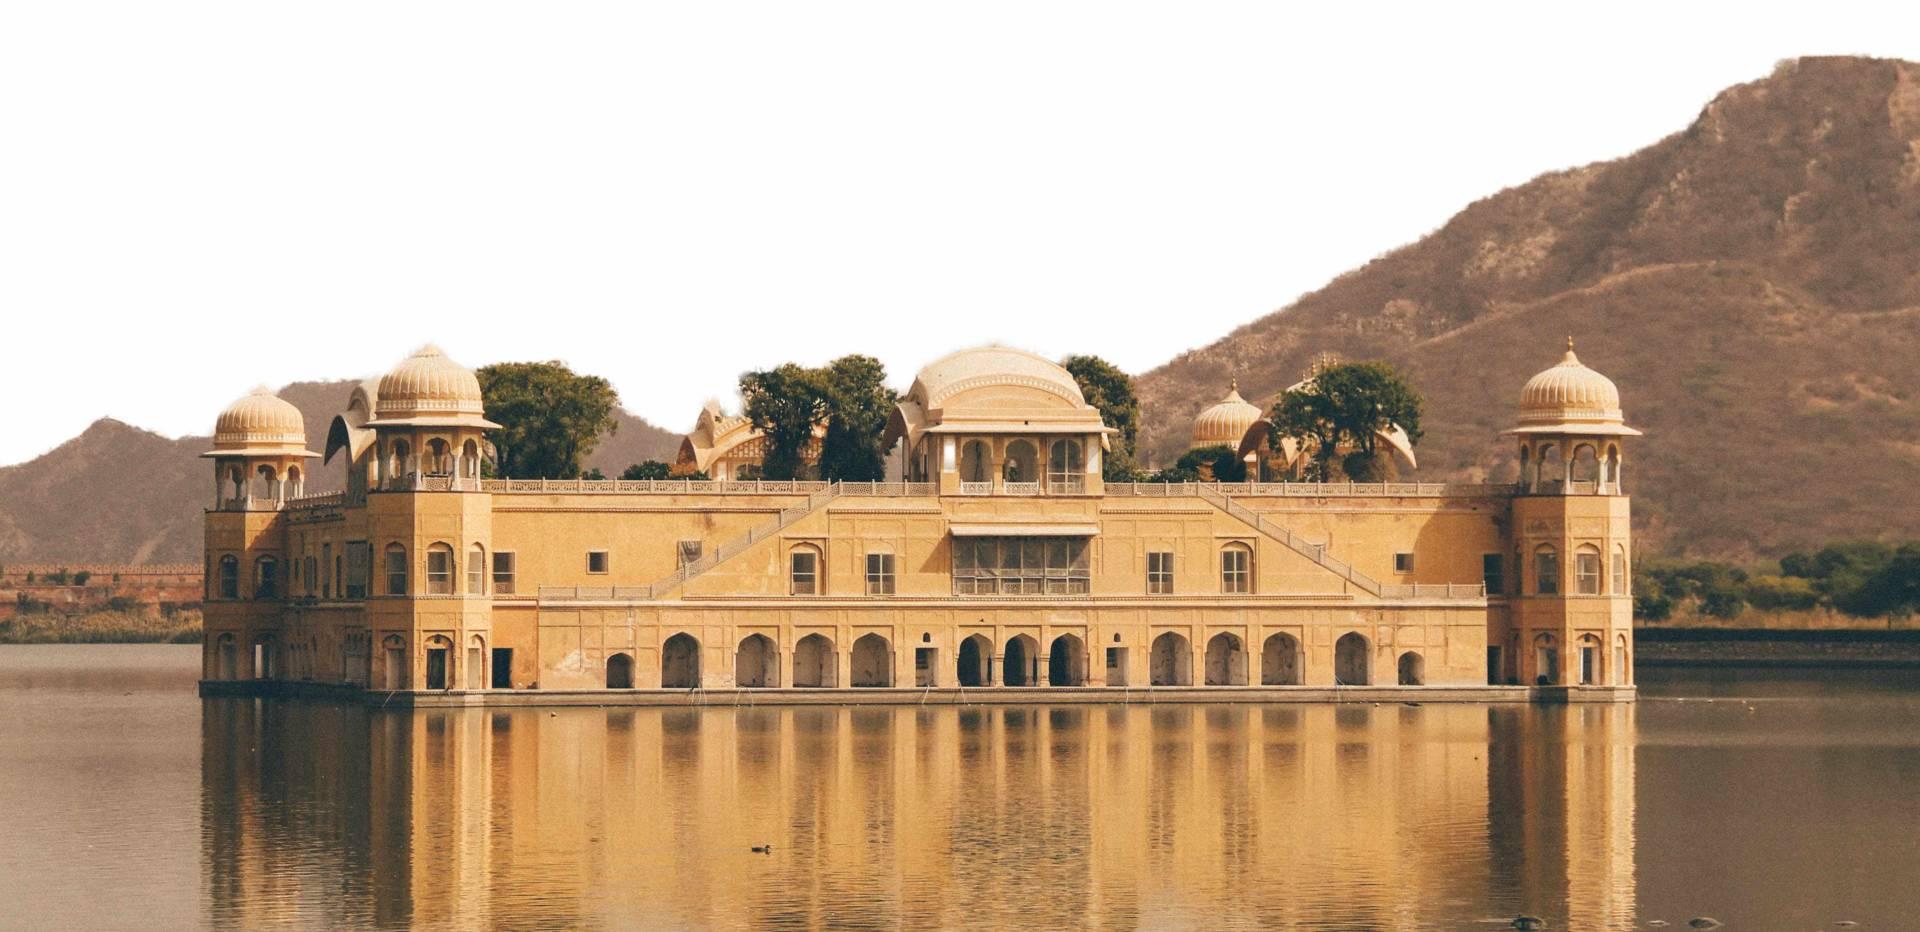 Custom-Travel-Planner-Network-India-Jaipur-